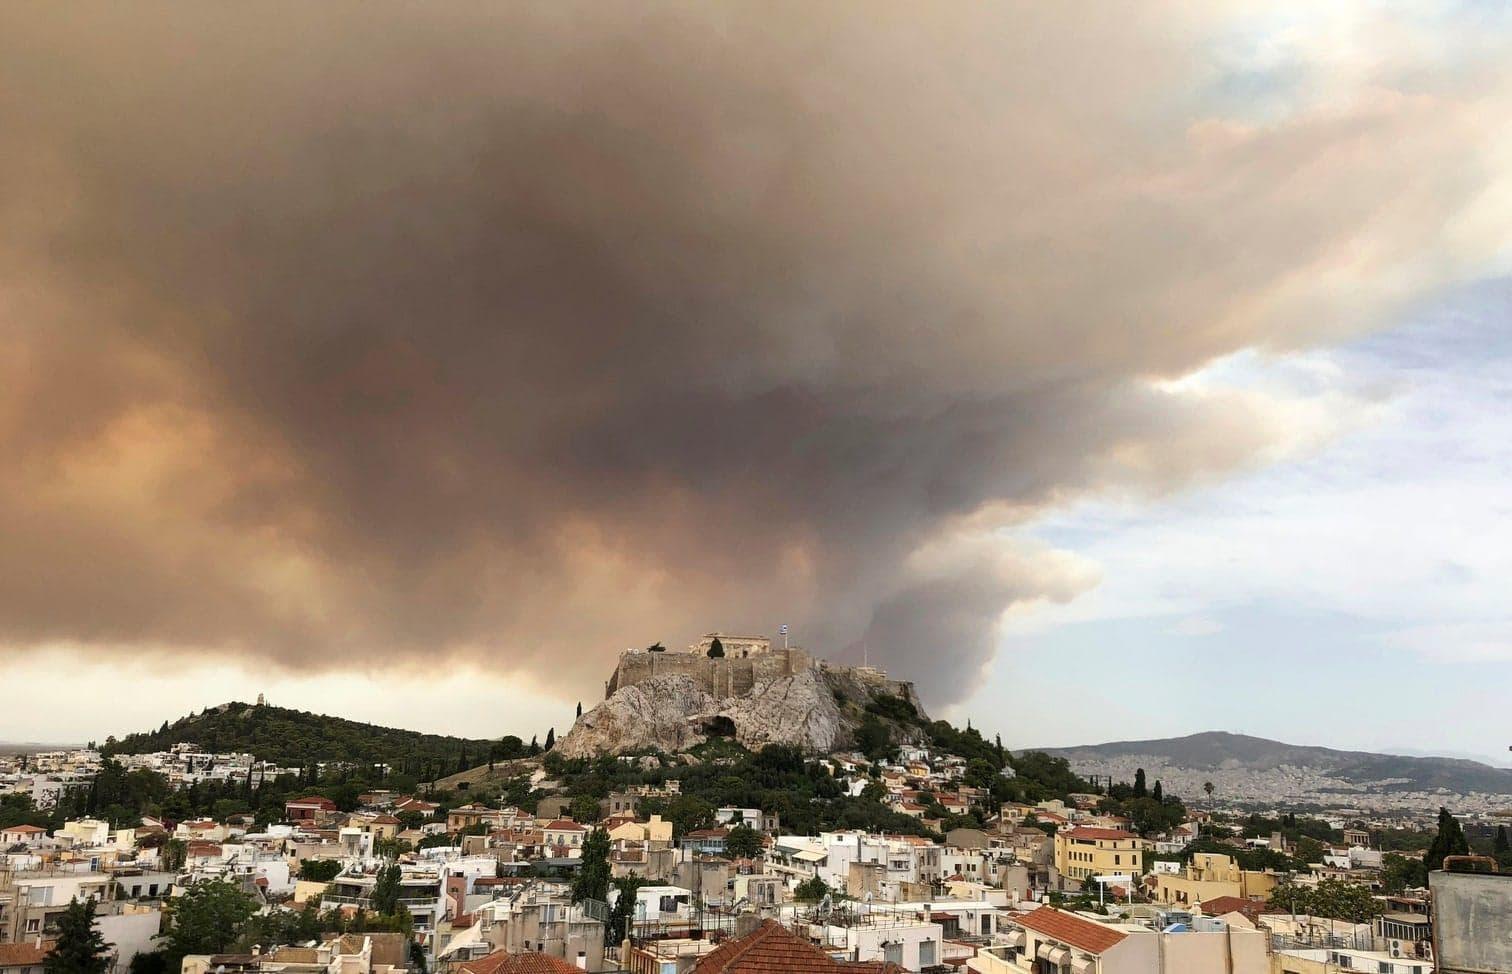 <p>Die außer Kontrolle geratenen Waldbrände bei Athen haben neuen Angaben zufolge mindestens 50 Menschen das Leben gekostet.</p> Foto: dpa